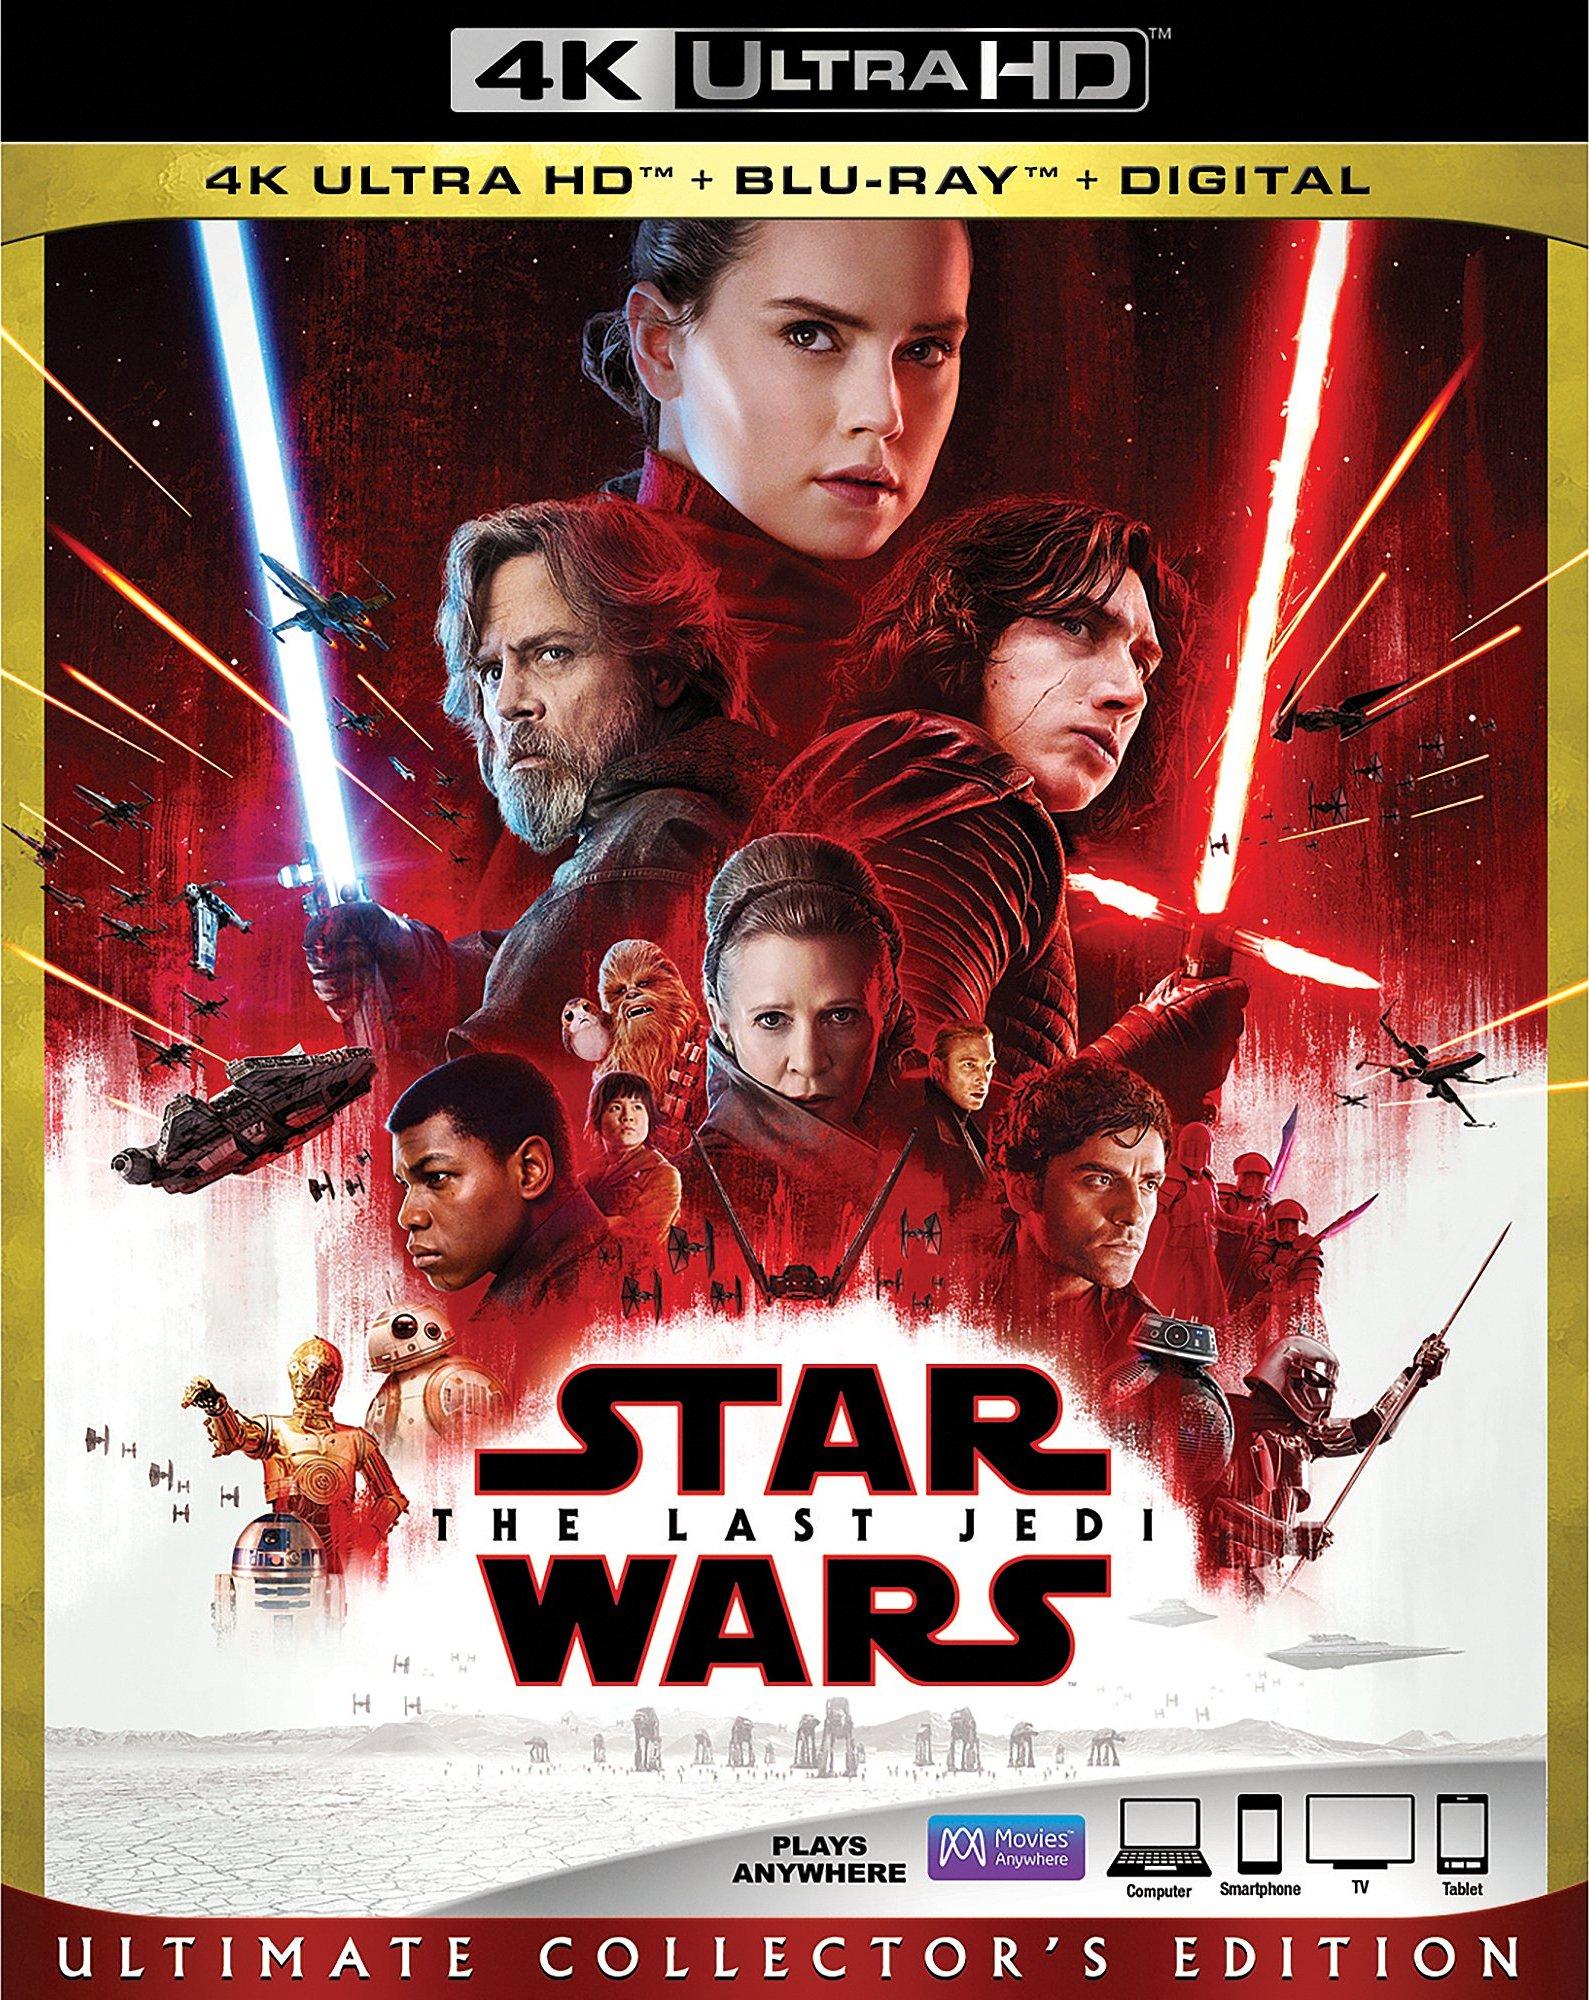 Star Wars: Episode VIII - The Last Jedi 4K (2017) Ultra HD Blu-ray